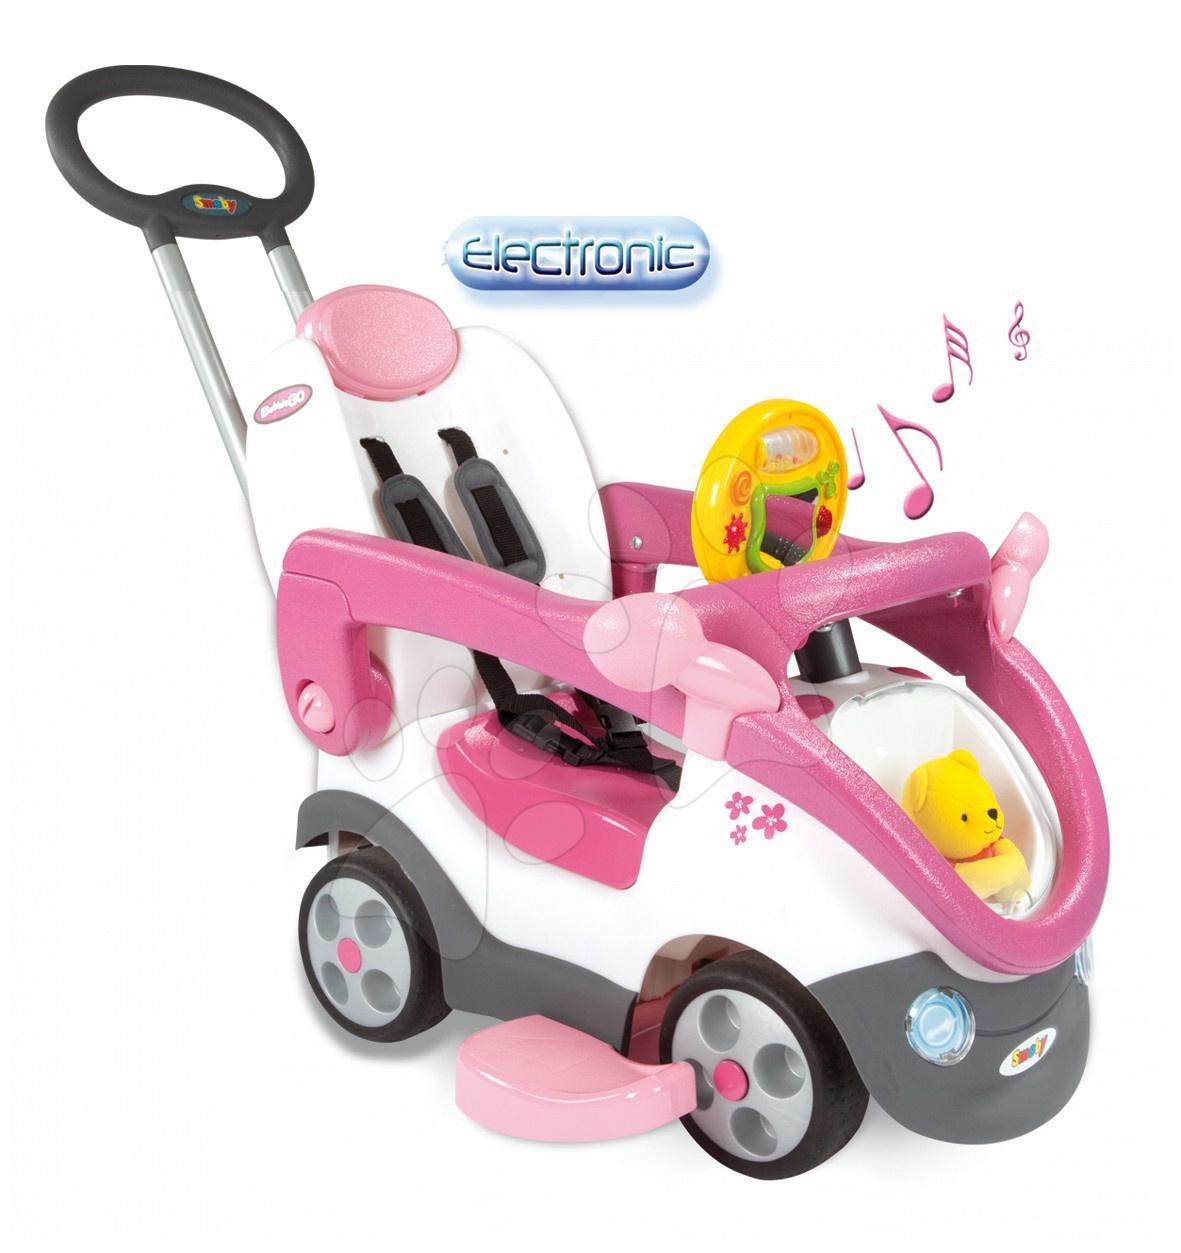 Bubble Go II Balade Girl autíčko Smoby bílo-růžové s tyčí od 6 měsíců